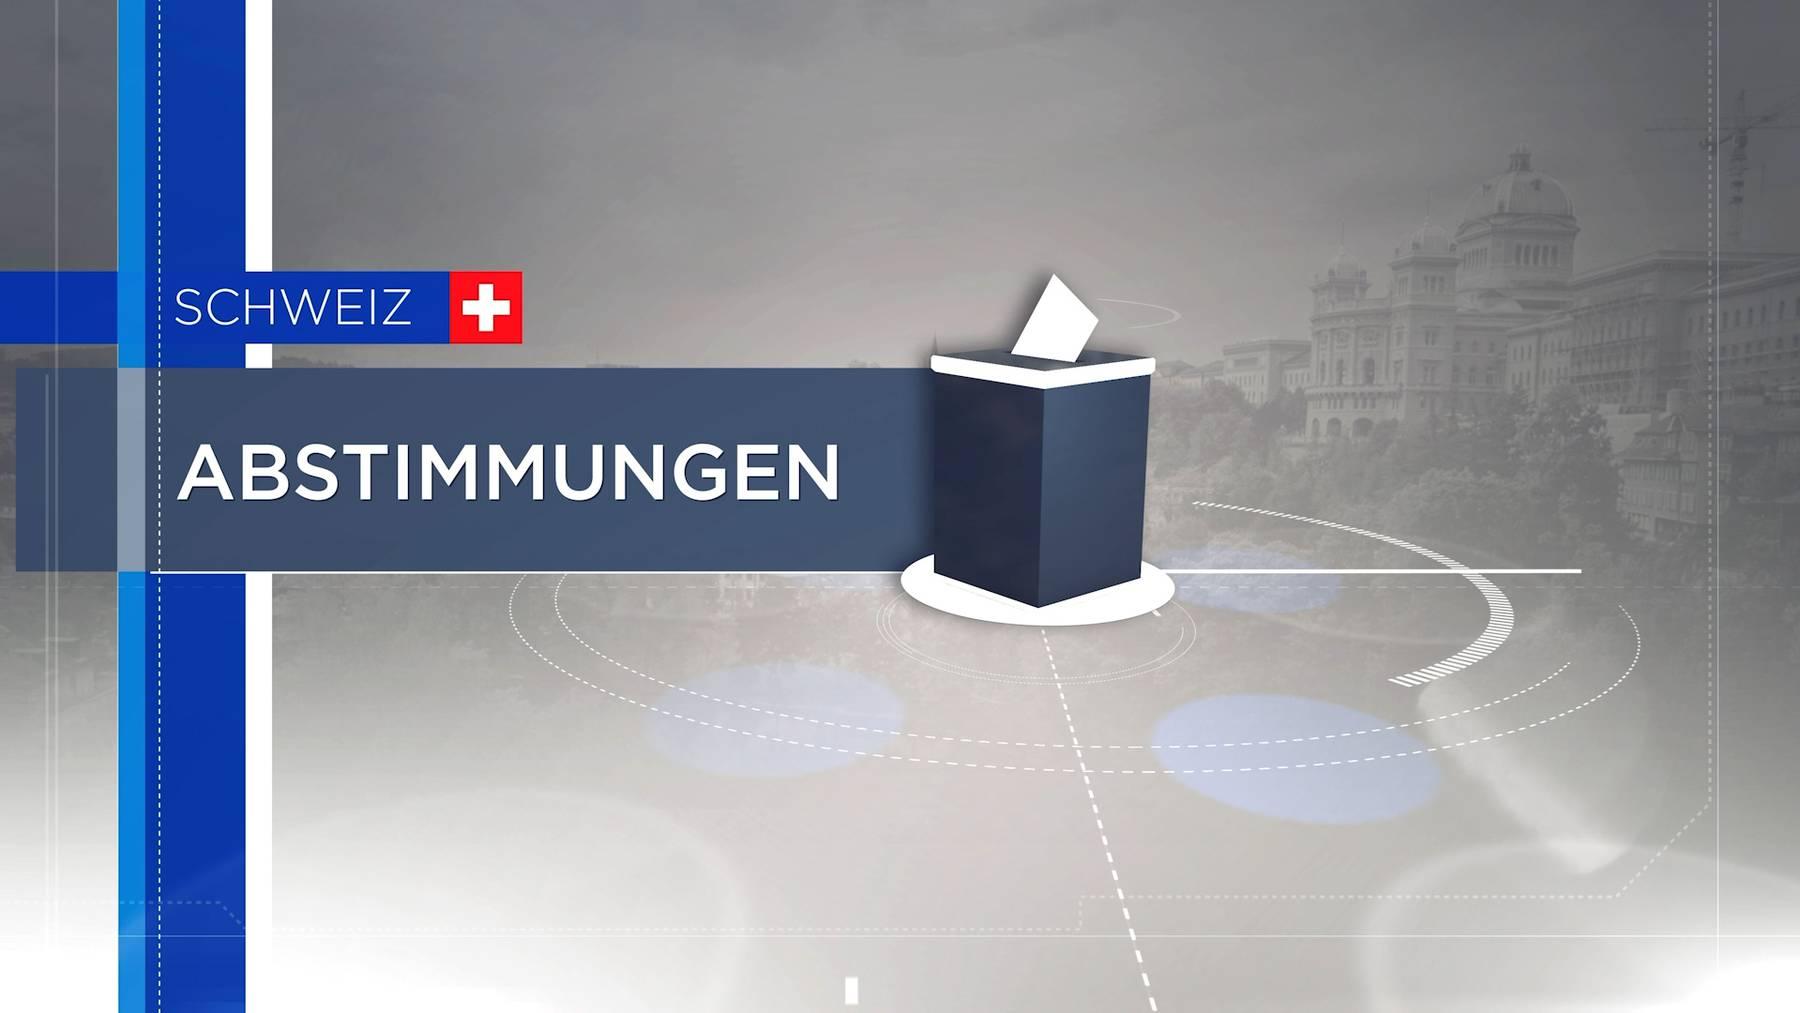 Abstimmungen